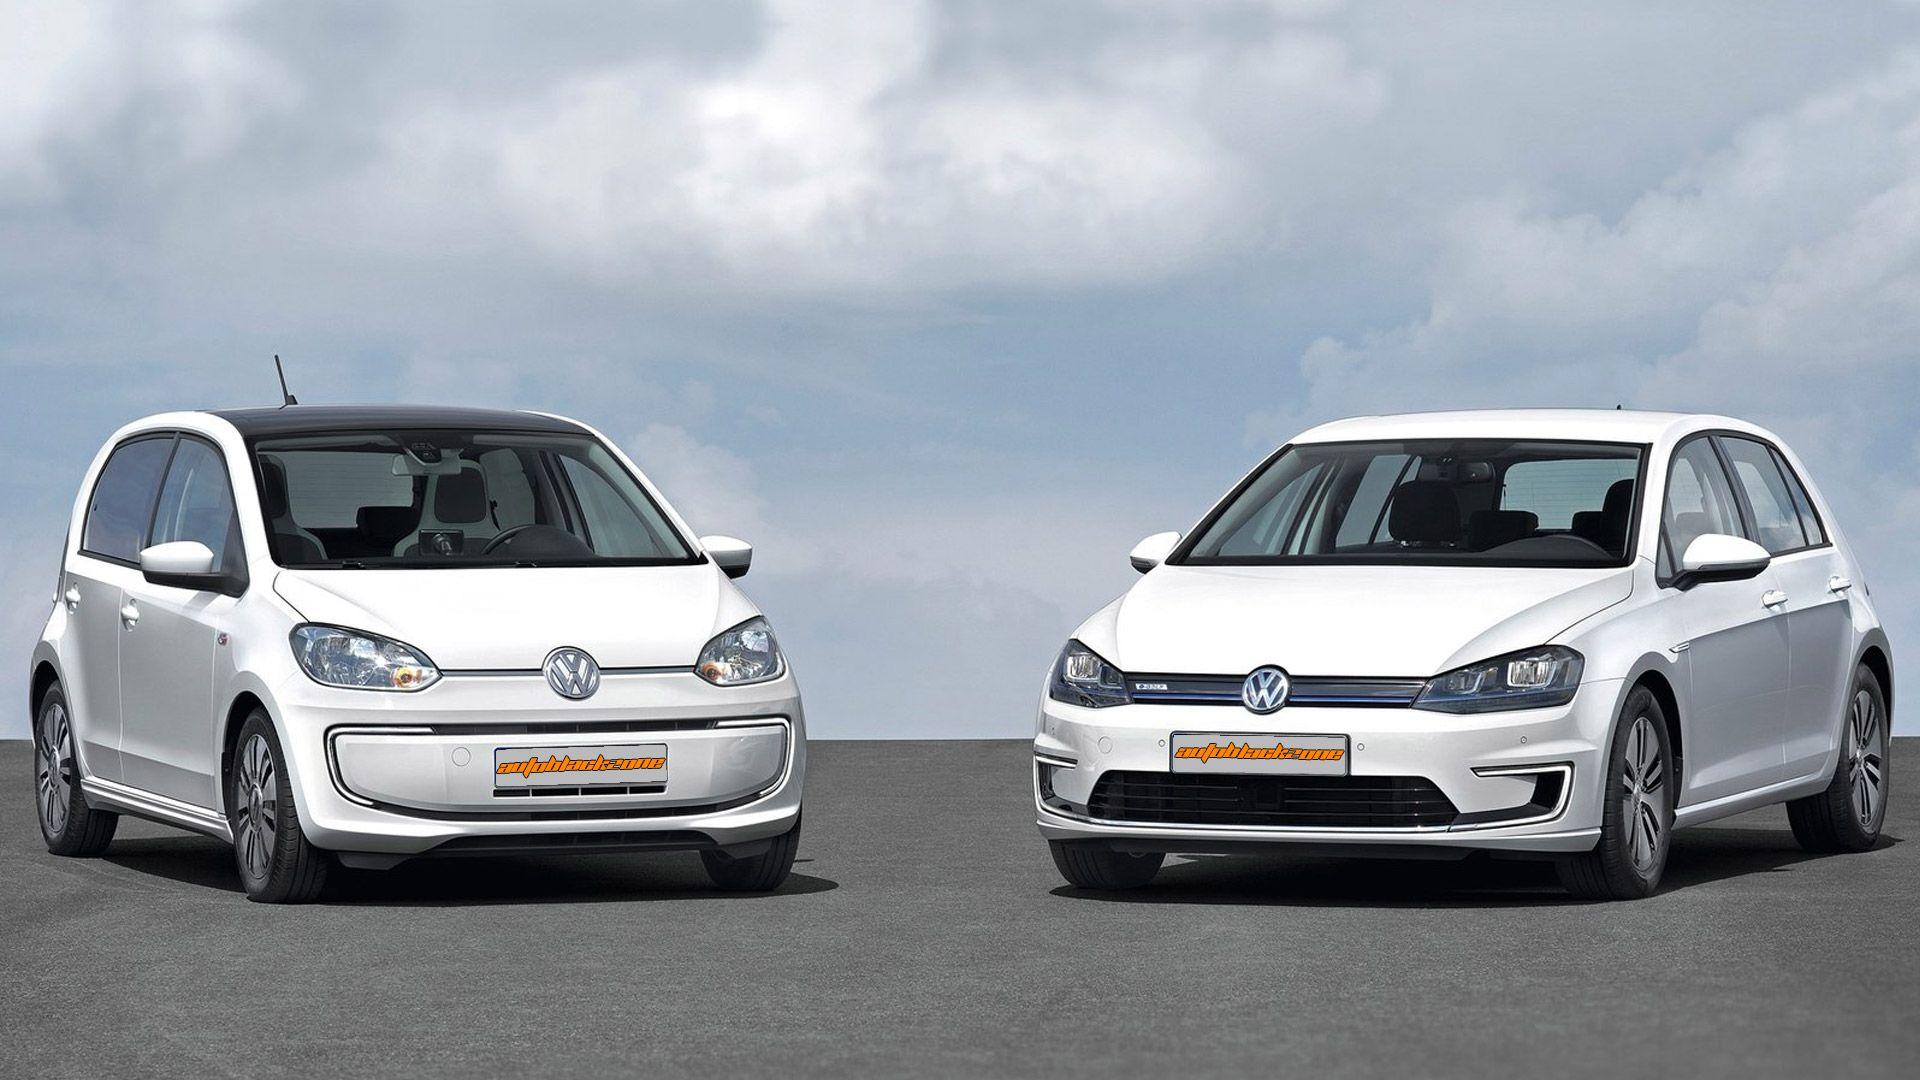 Volkswagen e up vs e golf 2014 volkswagen e up vs e golf